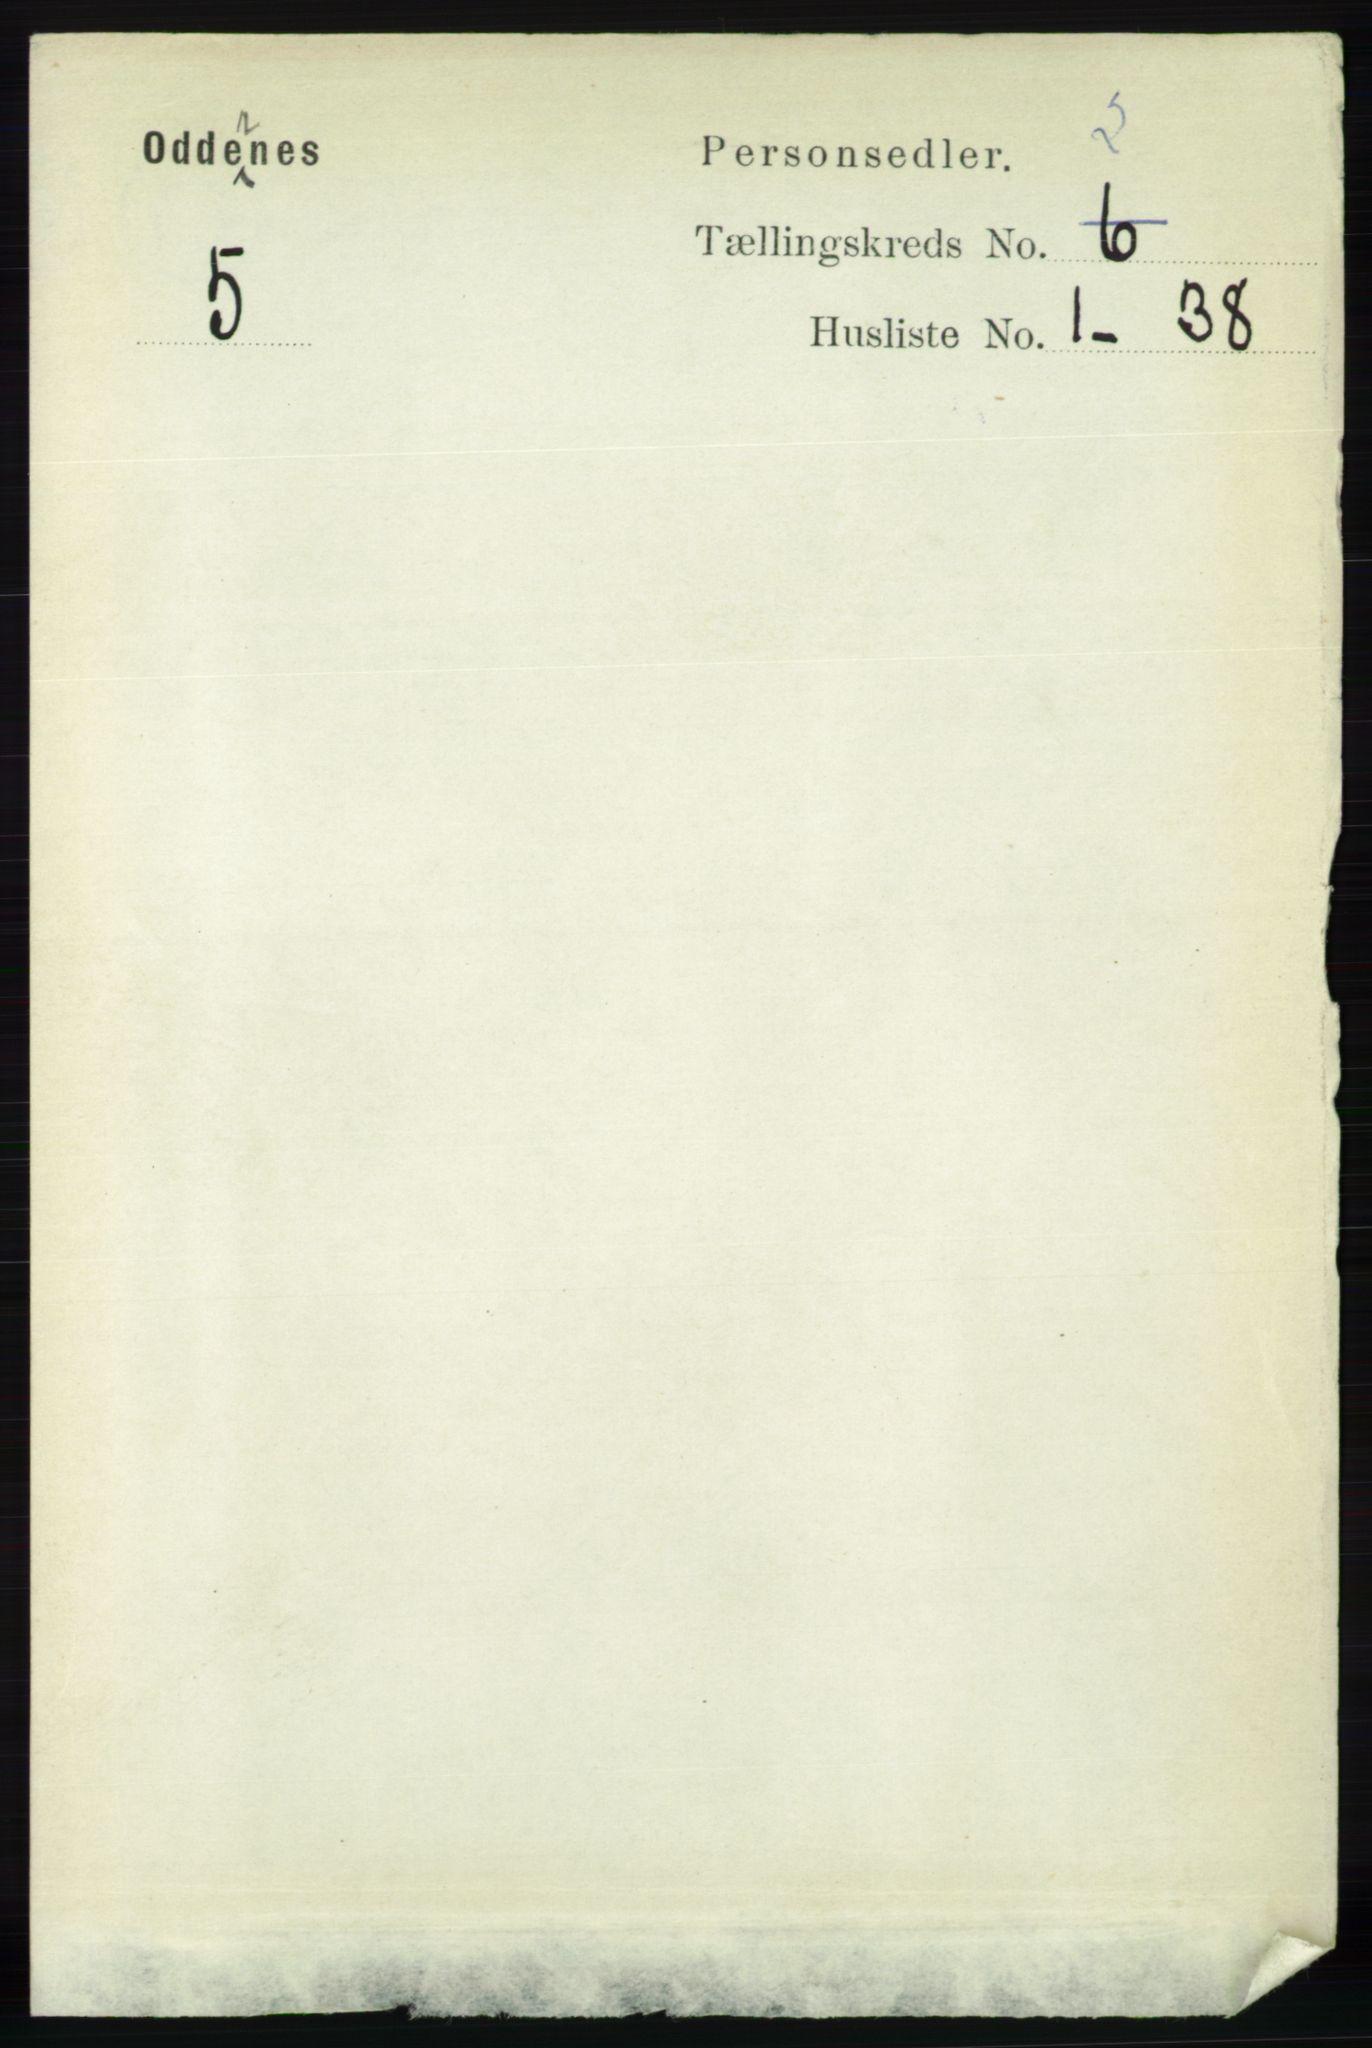 RA, Folketelling 1891 for 1012 Oddernes herred, 1891, s. 562